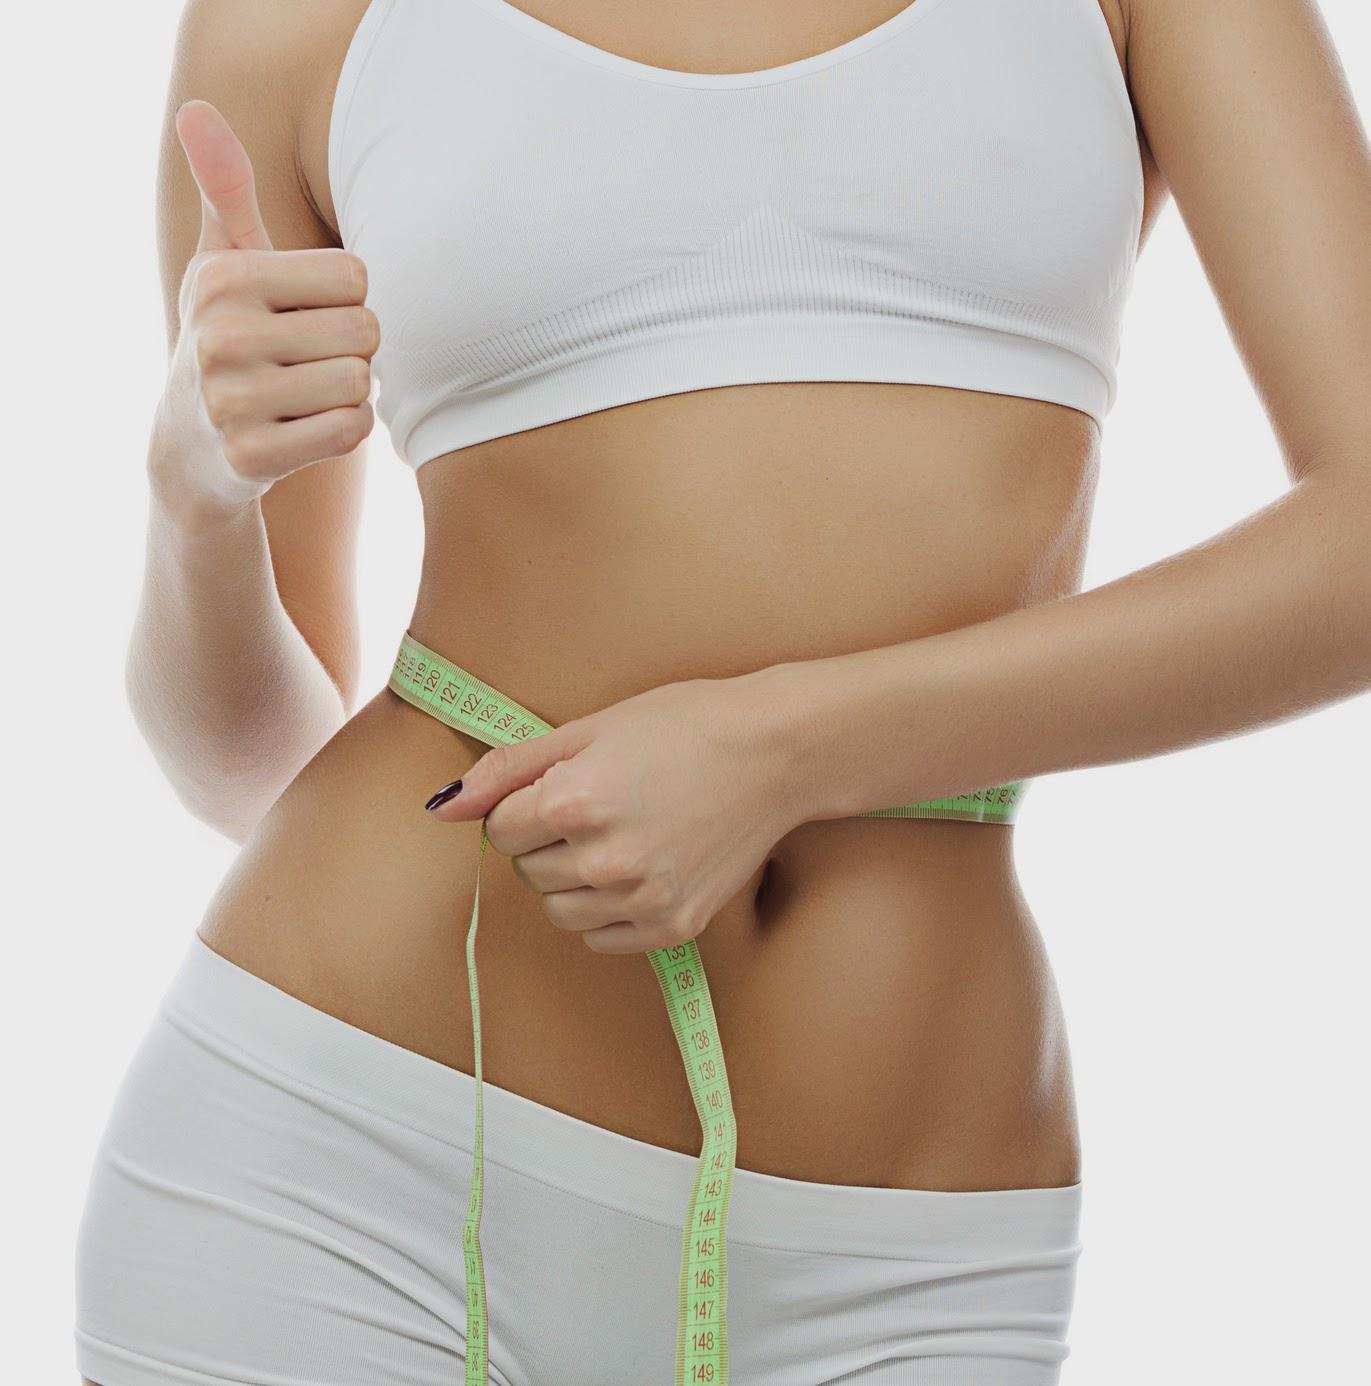 saglikli beslenme kilo verme zayiflama diyet diyetisyen serap unal kisiye ozel